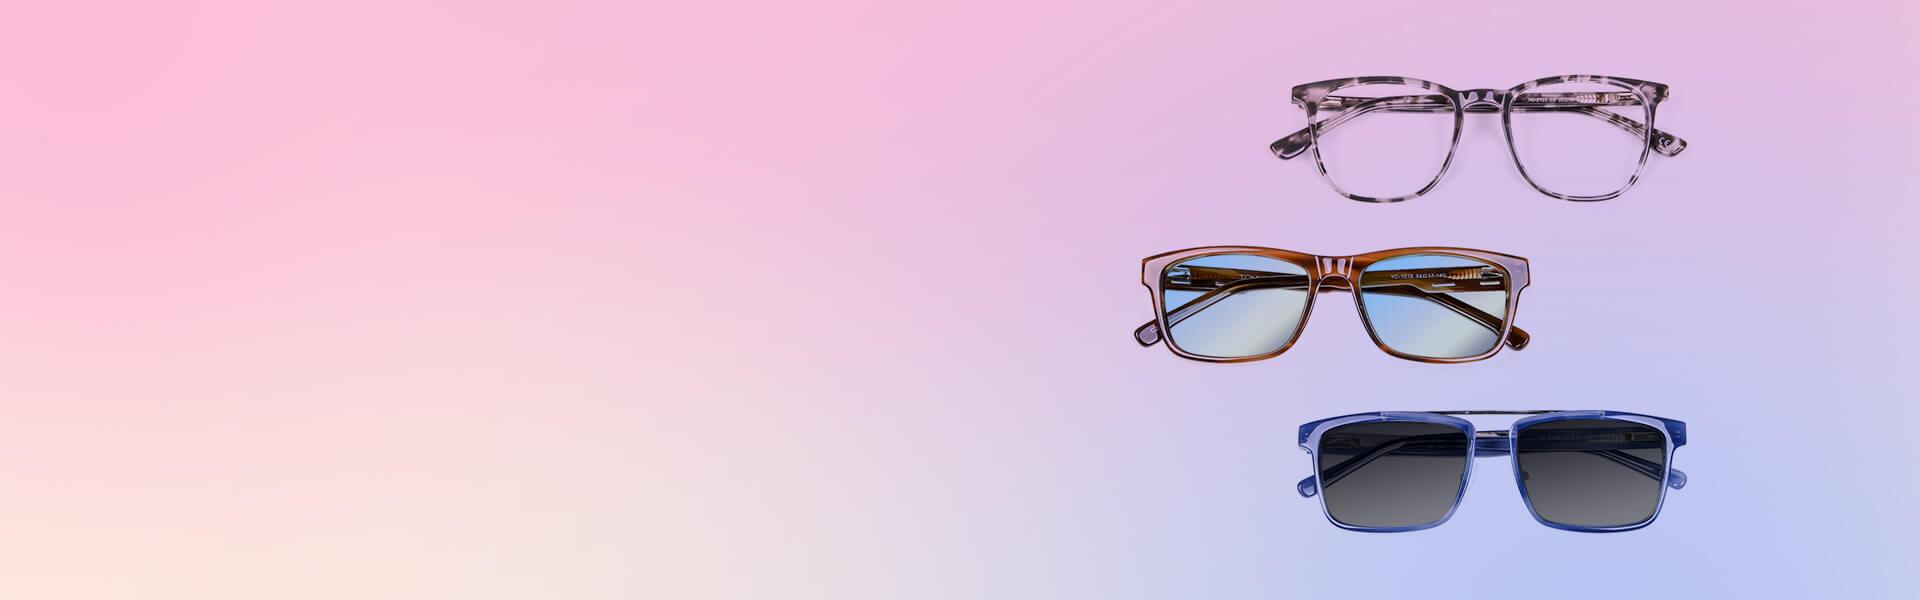 Lenses for eyeglasses